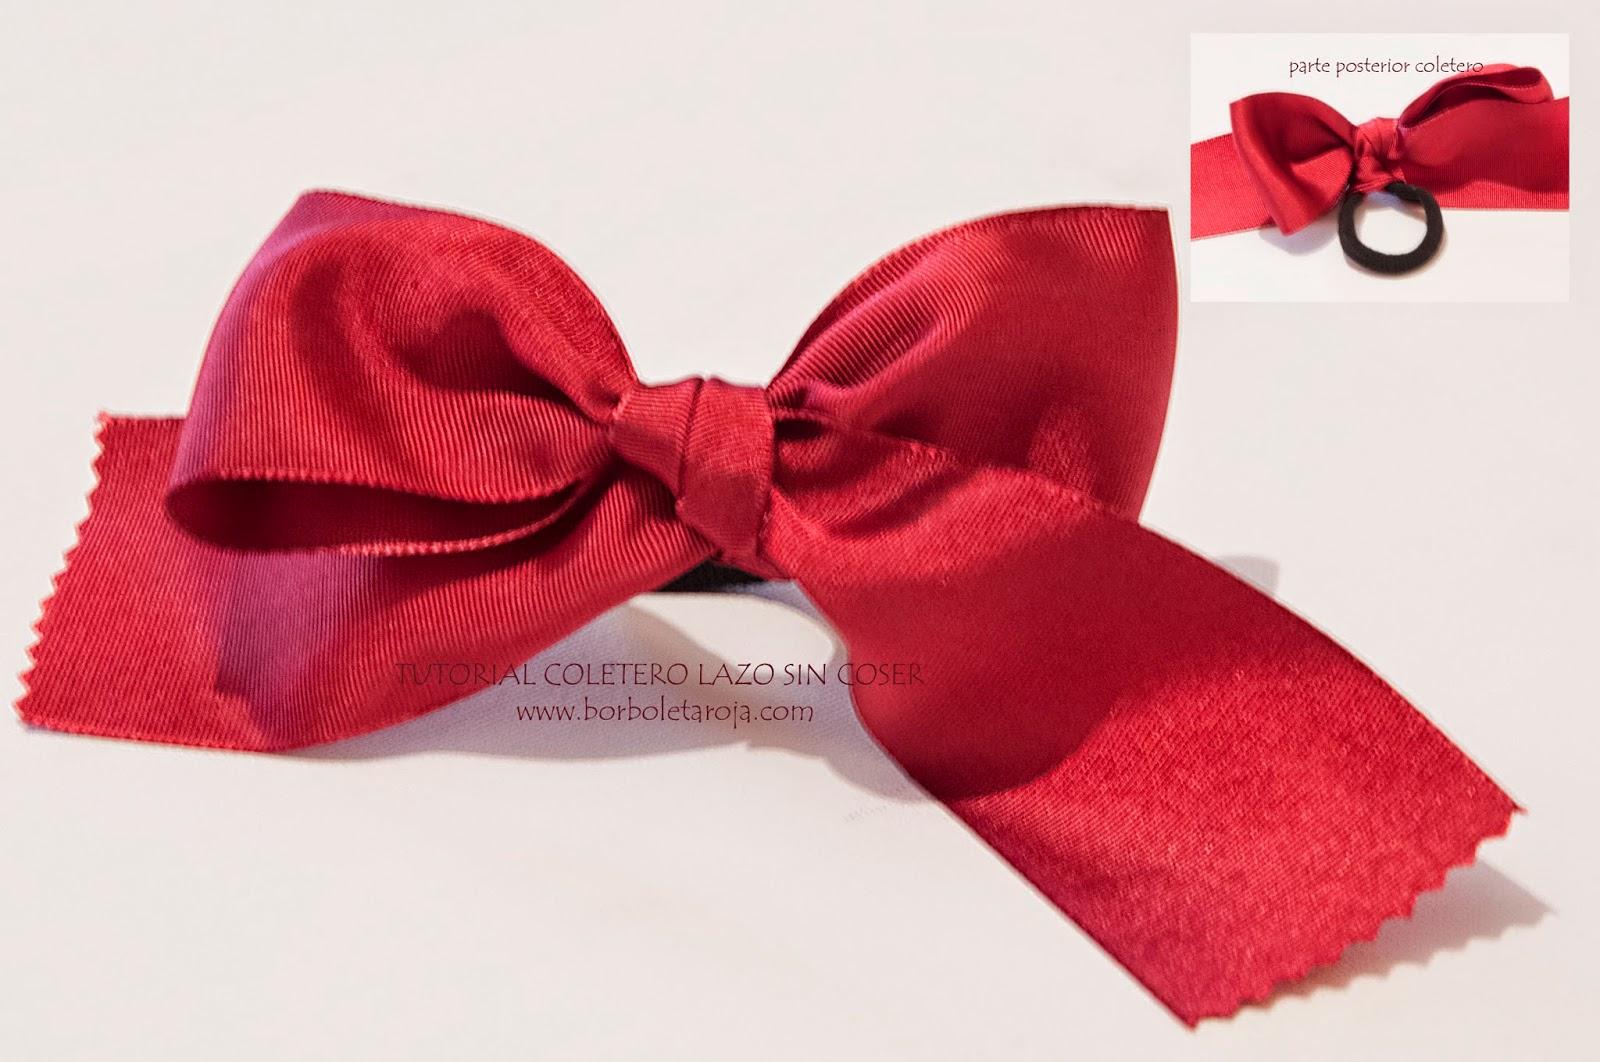 Borboleta roja tutorial coletero lazo sin coser como - Como hacer adornos para el pelo ...